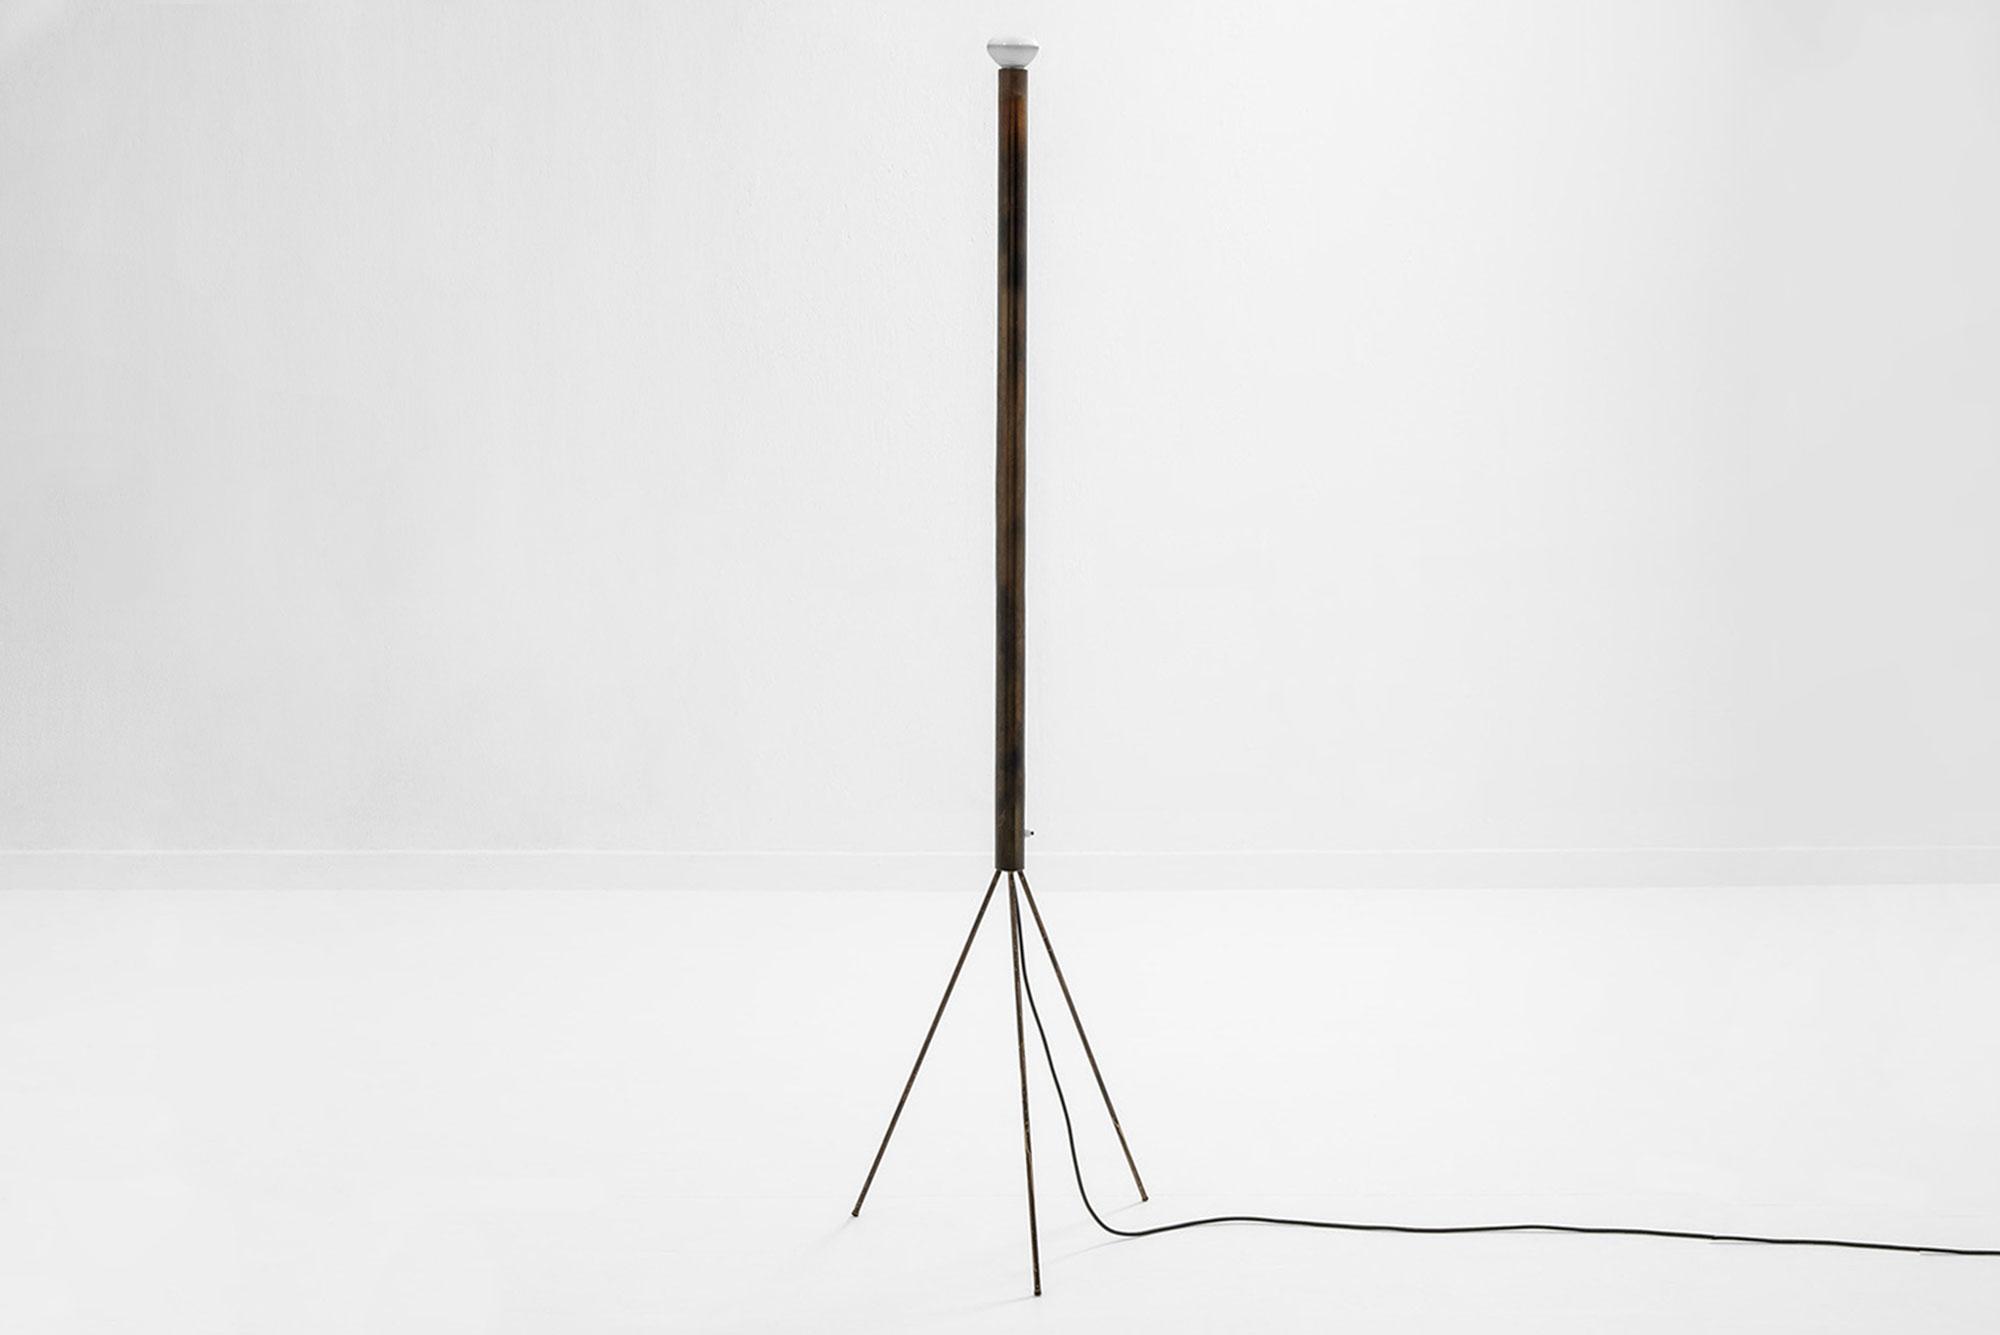 Luminator floor lamp by Pier Giacomo and Achille Castiglioni